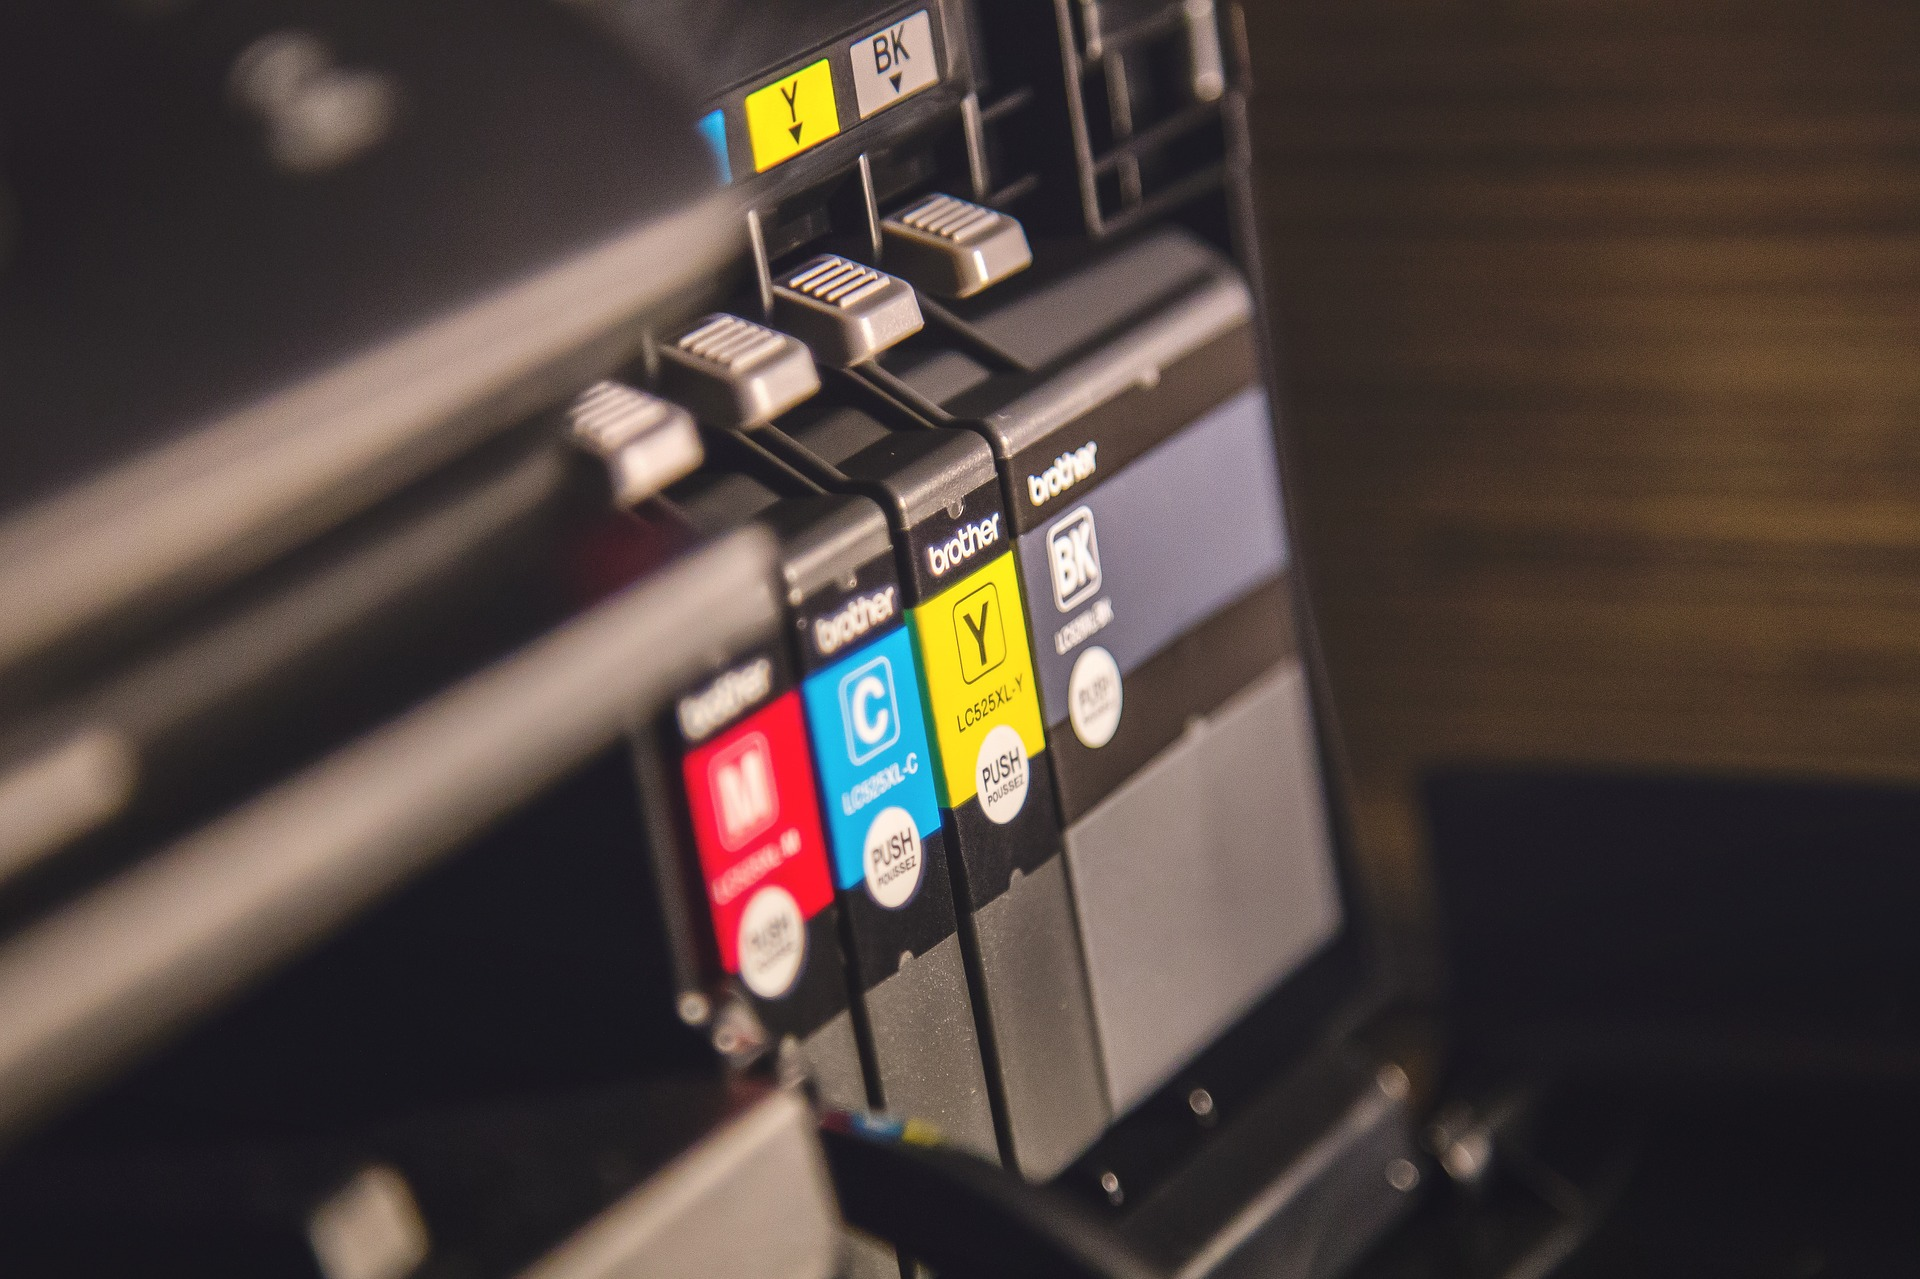 Quello delle stampanti è un mondo che, per sua essenza, è in continua evoluzione. Laser, inchiostro e multifunzione: come sceglierla?